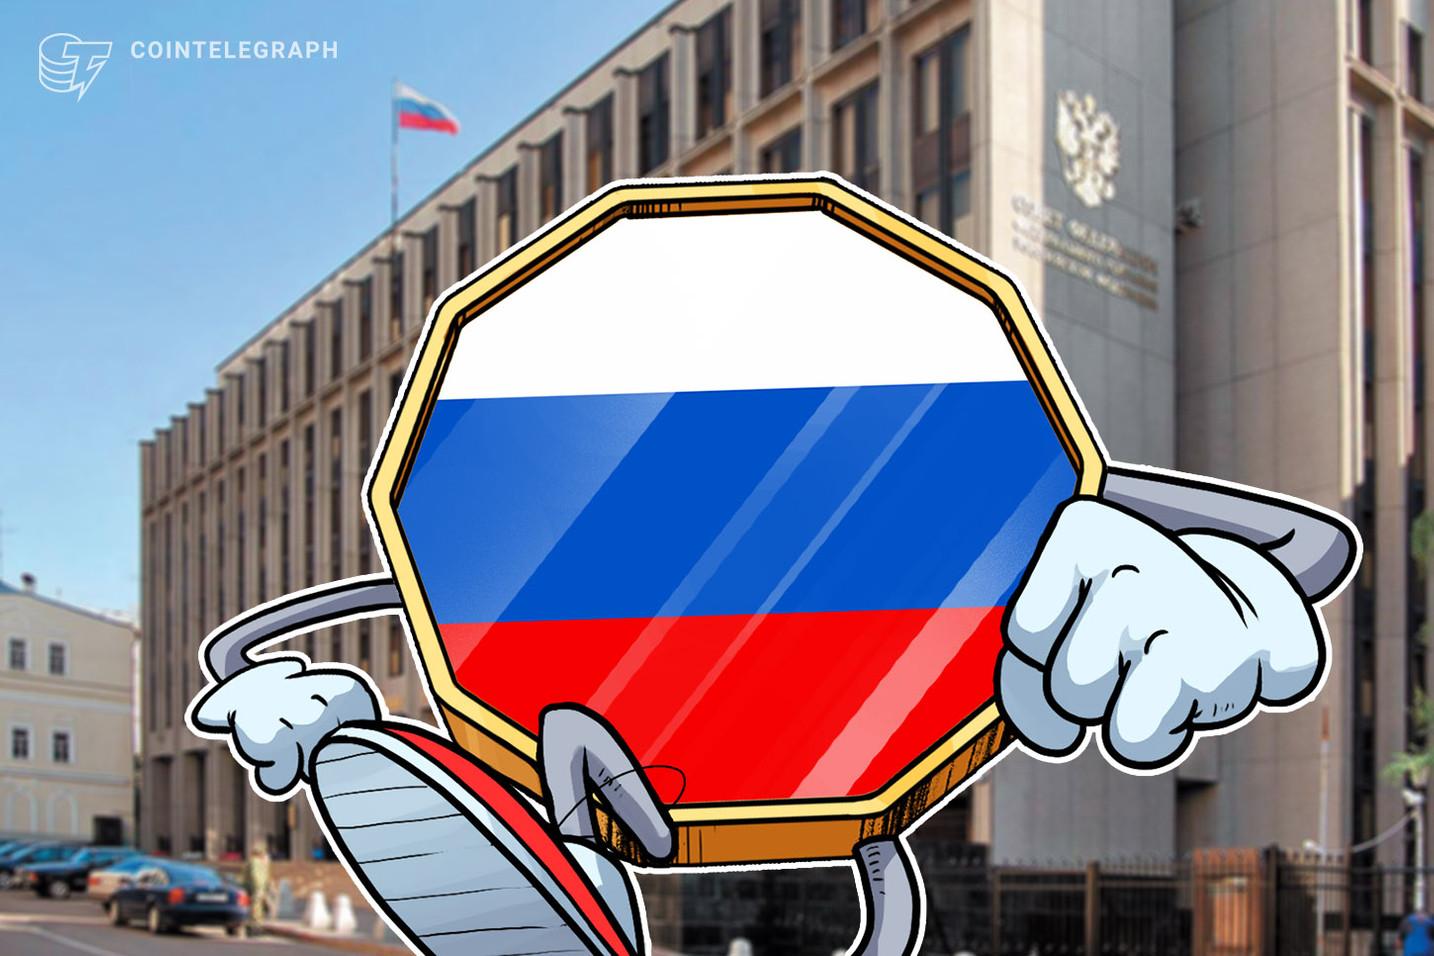 Šefica ruske centralne banke: Razmatra se uvođenje CBDC-a, ali ne u bliskoj budućnosti